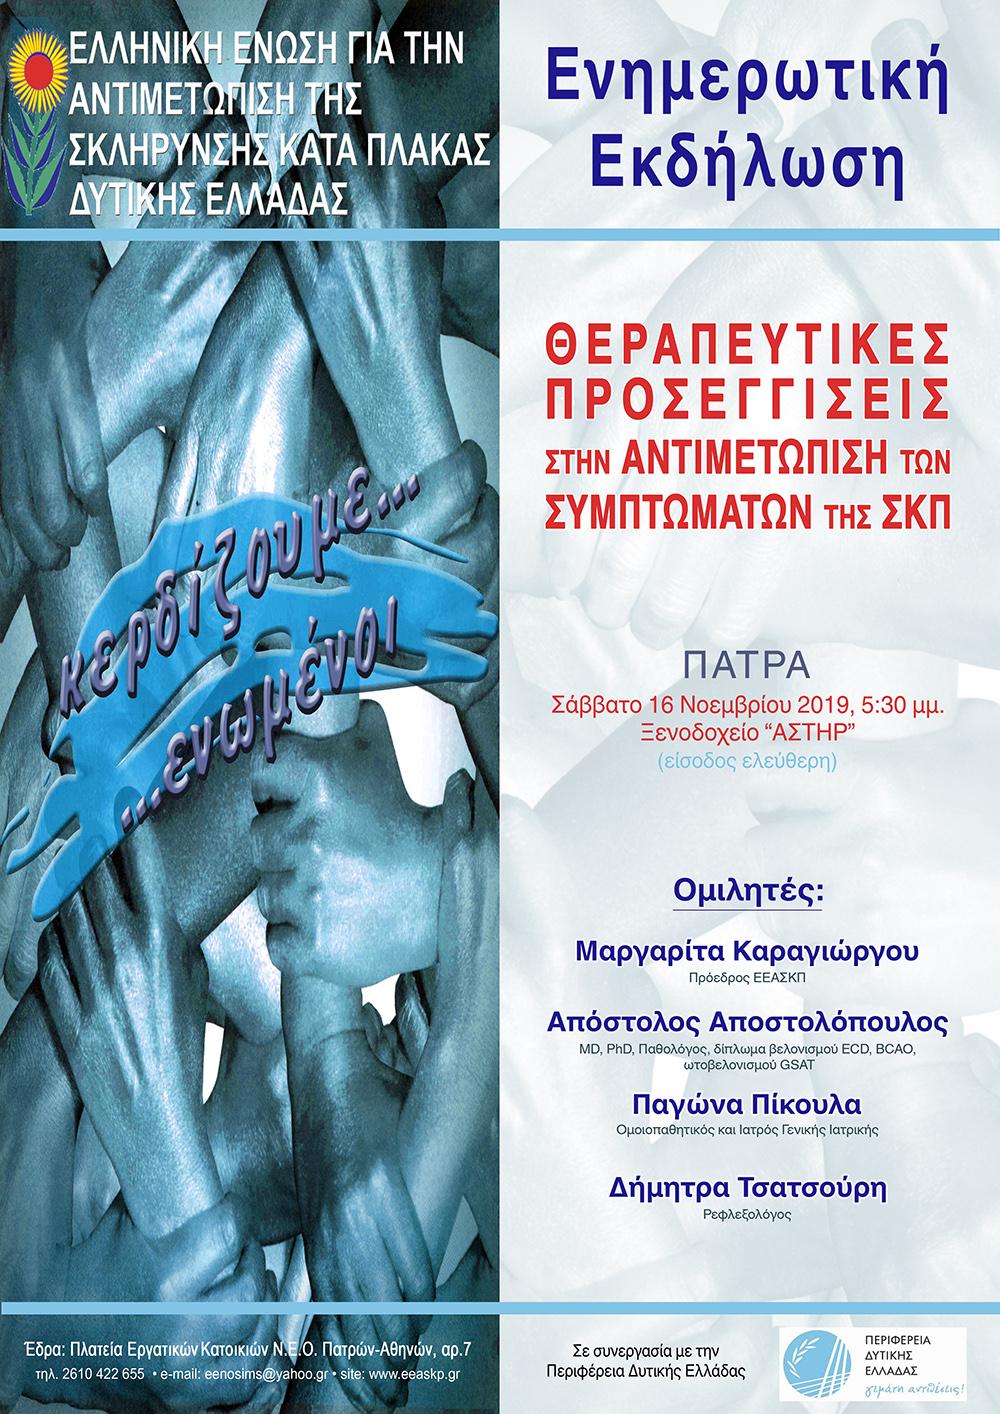 """ΕΕΑΣΚΠ σε συνεργασία με την ΠΔΕ: Ενημερωτική Εκδήλωση με θέμα """"Θεραπευτικές Προσεγγίσεις στην Αντιμετώπιση των Συμπτωμάτων της ΣΚΠ"""""""